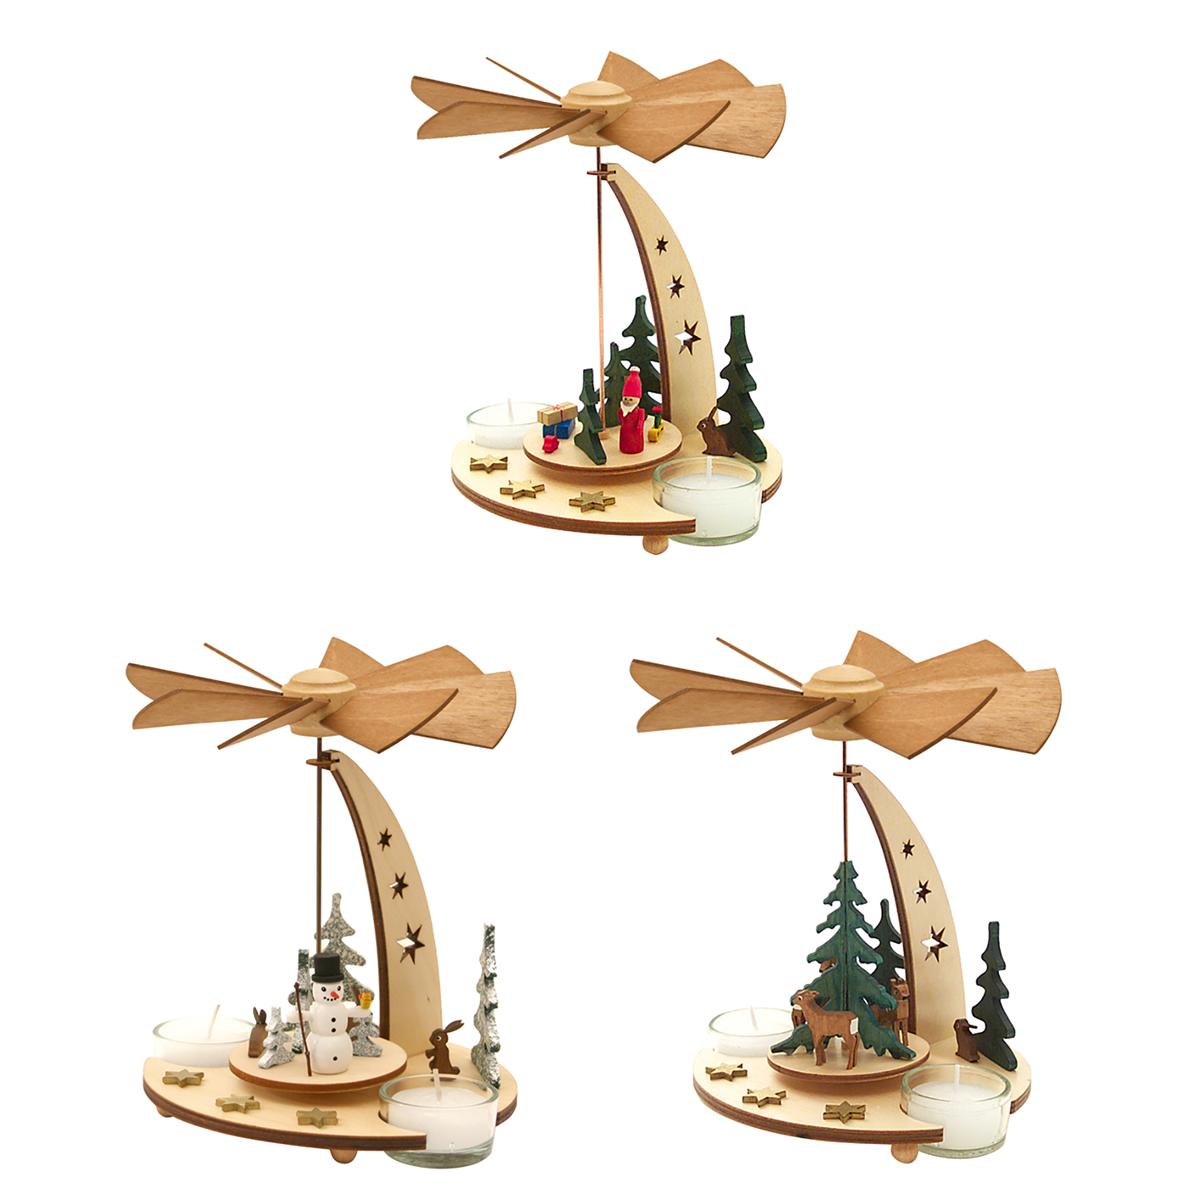 クーネルト クリスマスピラミッド セット ( サンタクロース スノーマン 森の動物 ) 【 クーネルト kuhnert クリスマス 飾り付け kuhnert 】